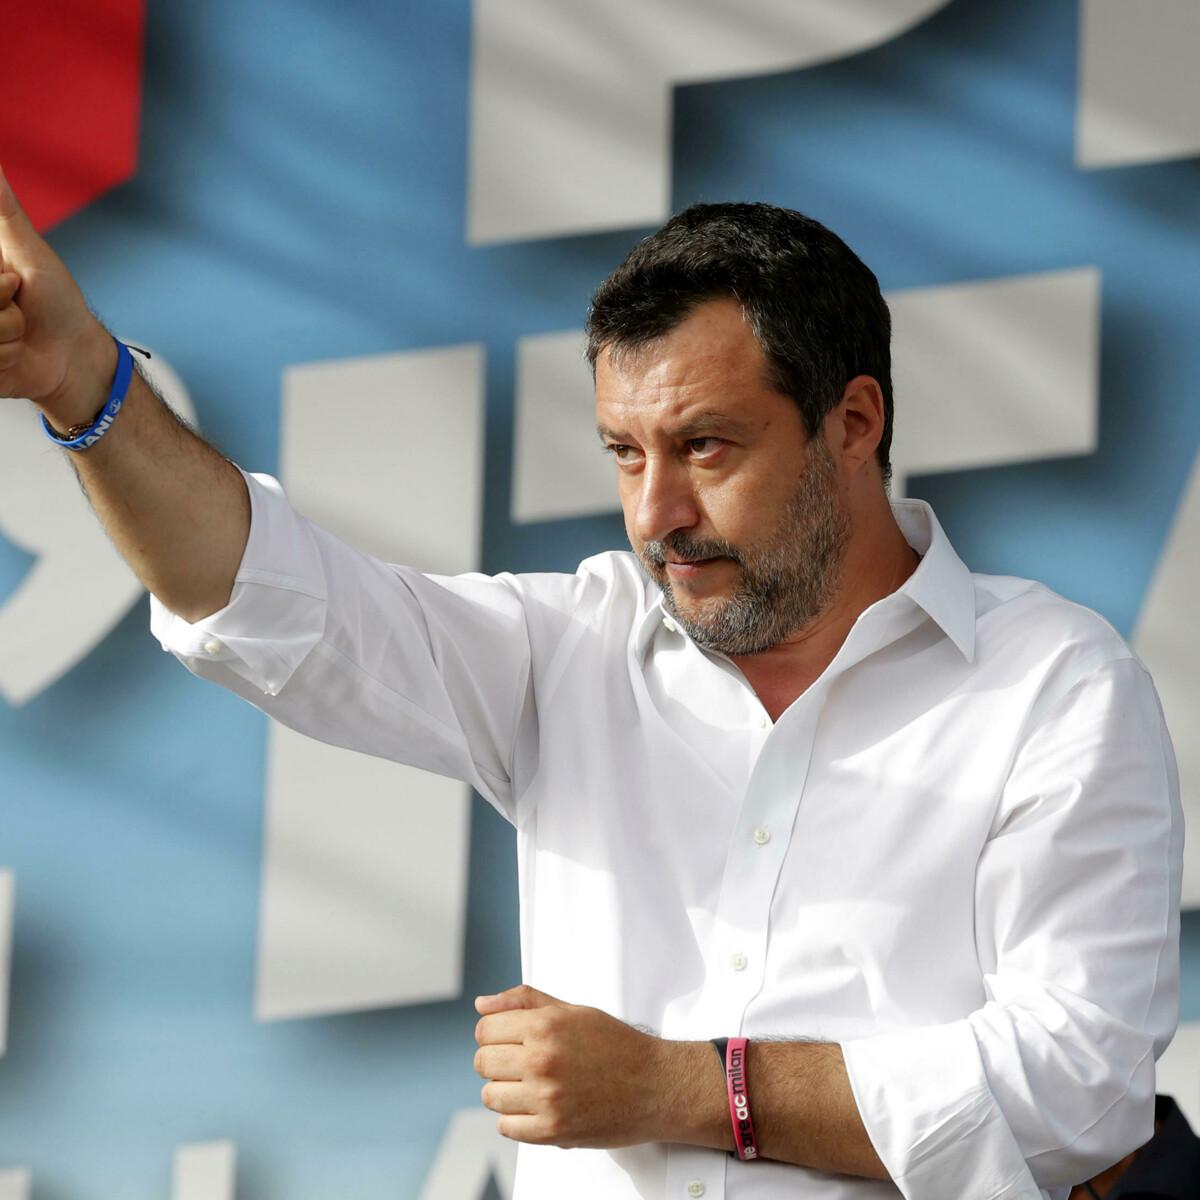 """Dalla piazza leghista Salvini rilancia l'unità del centrodestra: """"Basta gelosie"""". Ed è scontro con la magistratura"""